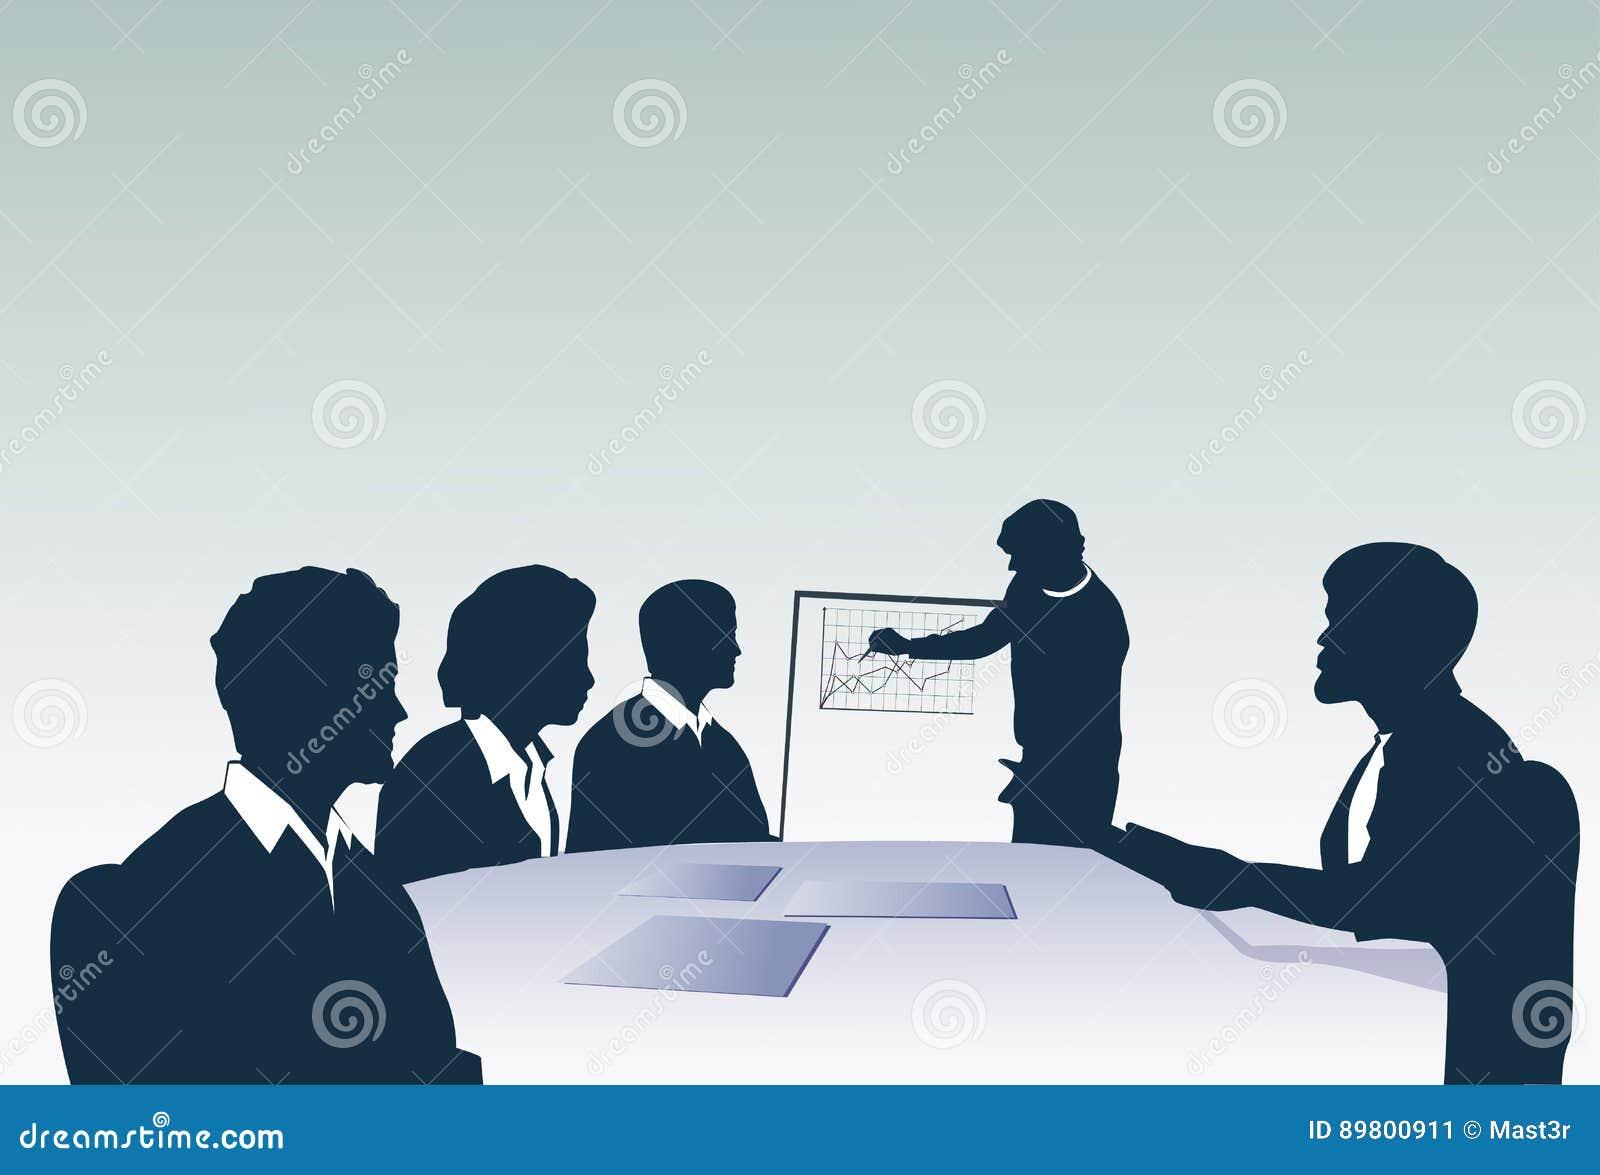 De Team With Flip Chart Seminar da silhueta do treinamento da conferência executivos da apresentação da sessão de reflexão